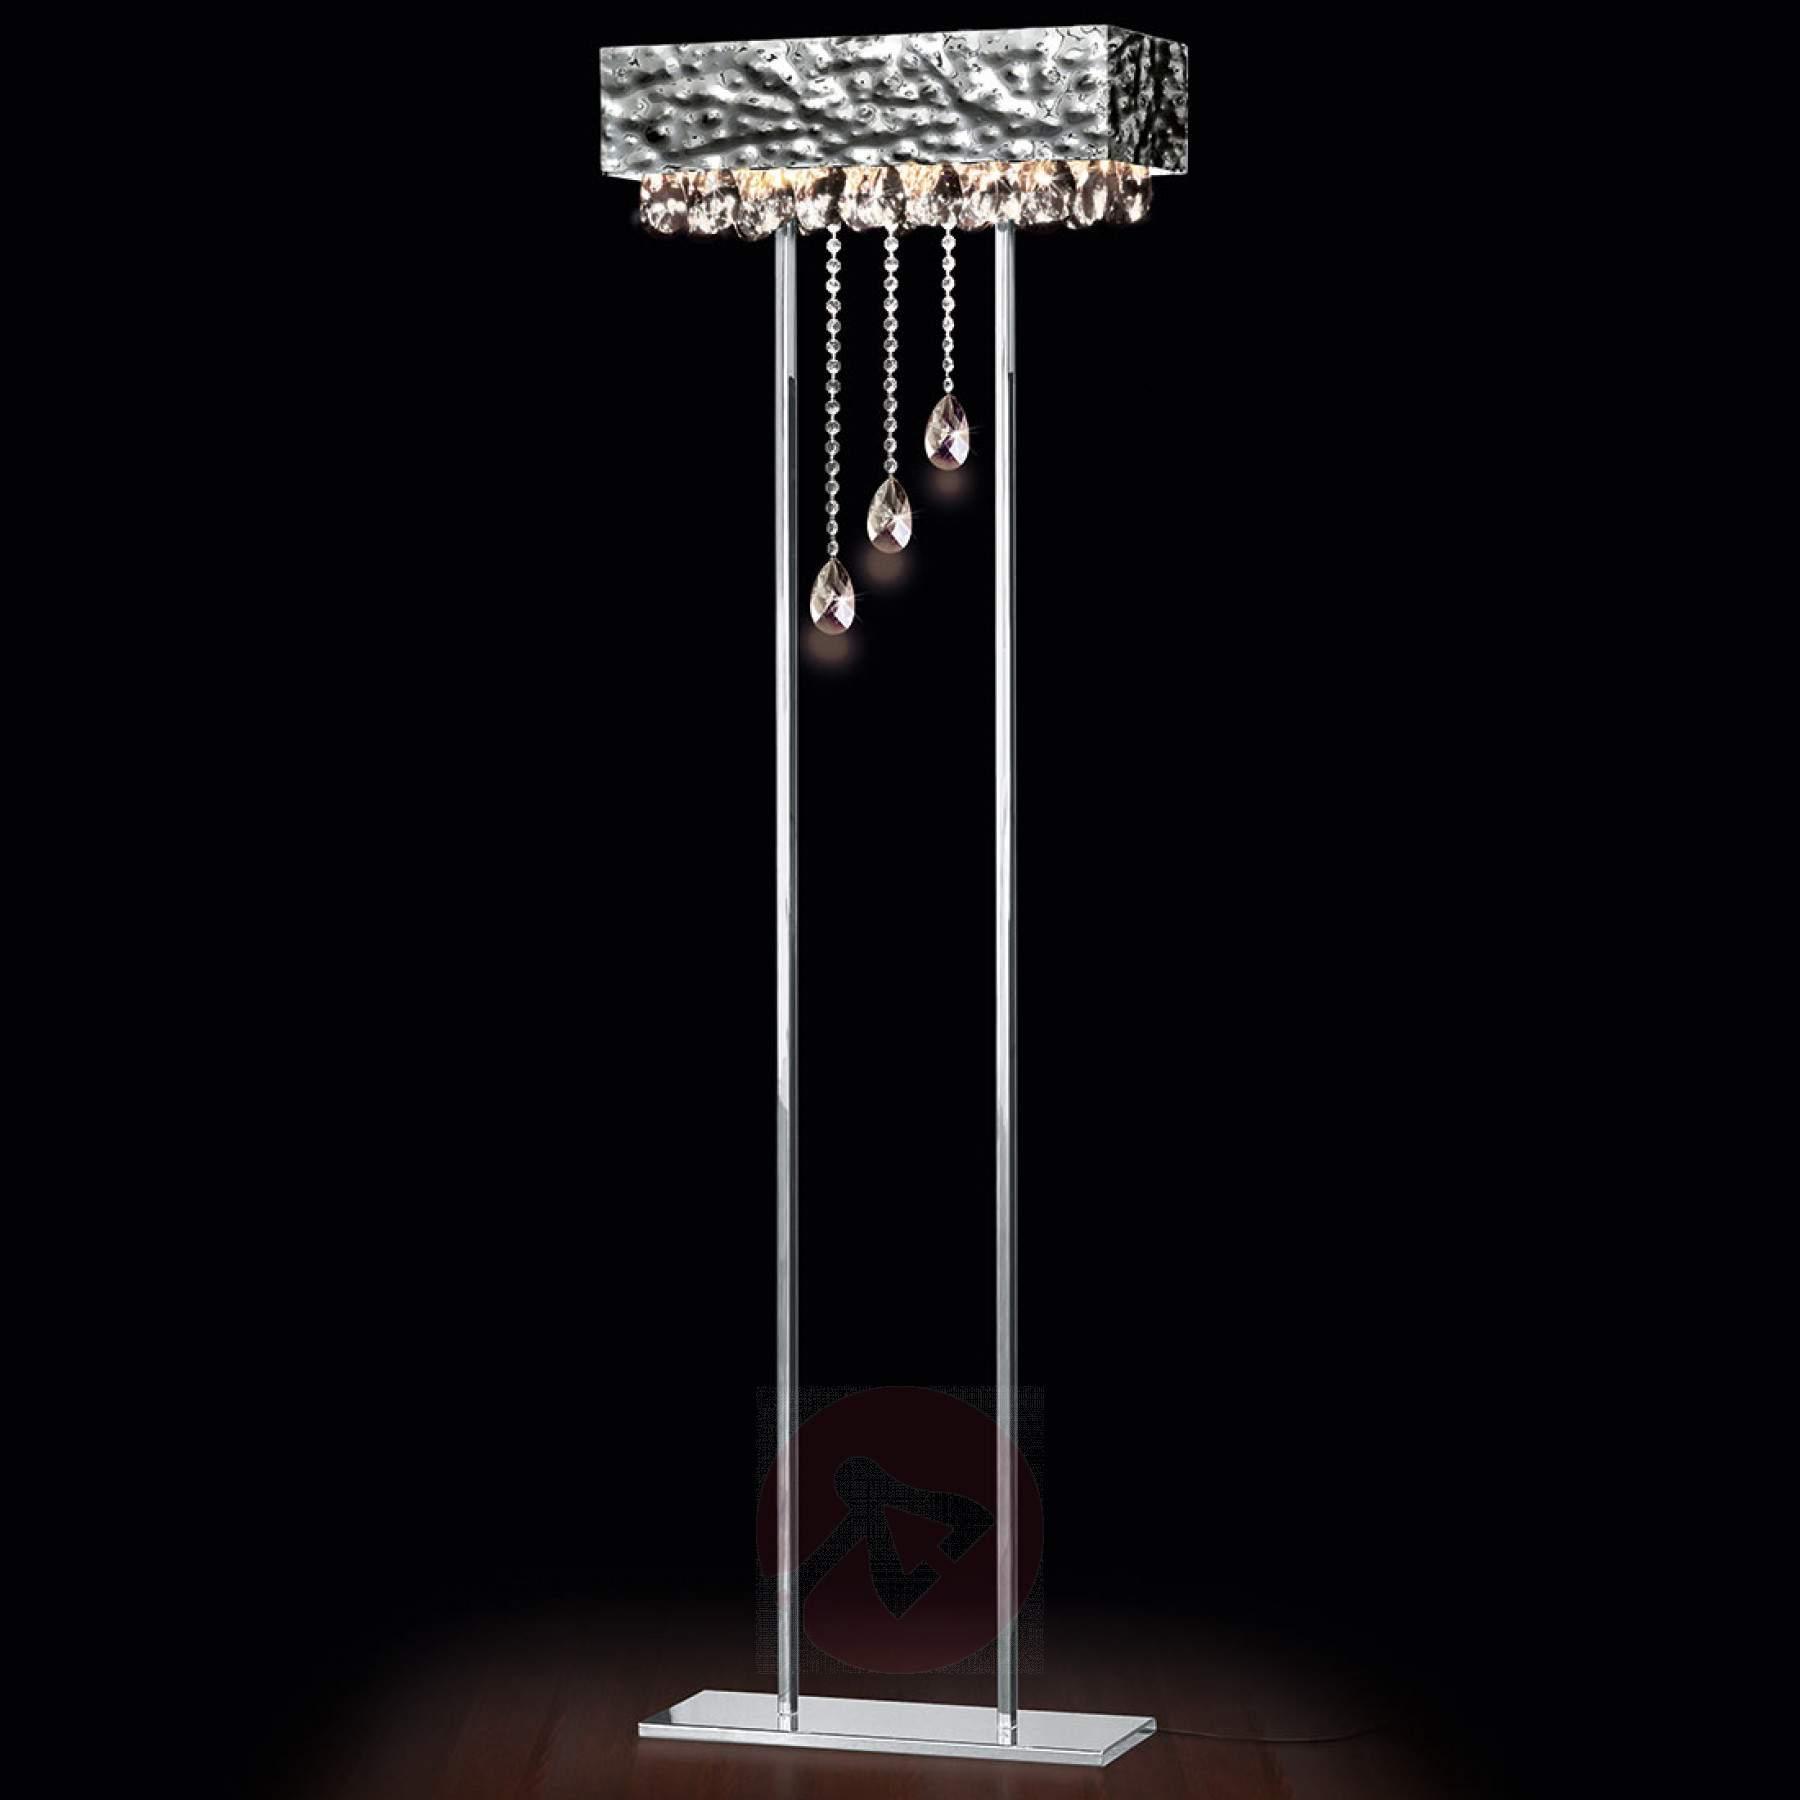 Full Size of Kristall Stehlampe Glanzvolle Stehleuchte Magma Mit Kristallbehang Kaufen Lampenweltde Wohnzimmer Stehlampen Schlafzimmer Wohnzimmer Kristall Stehlampe